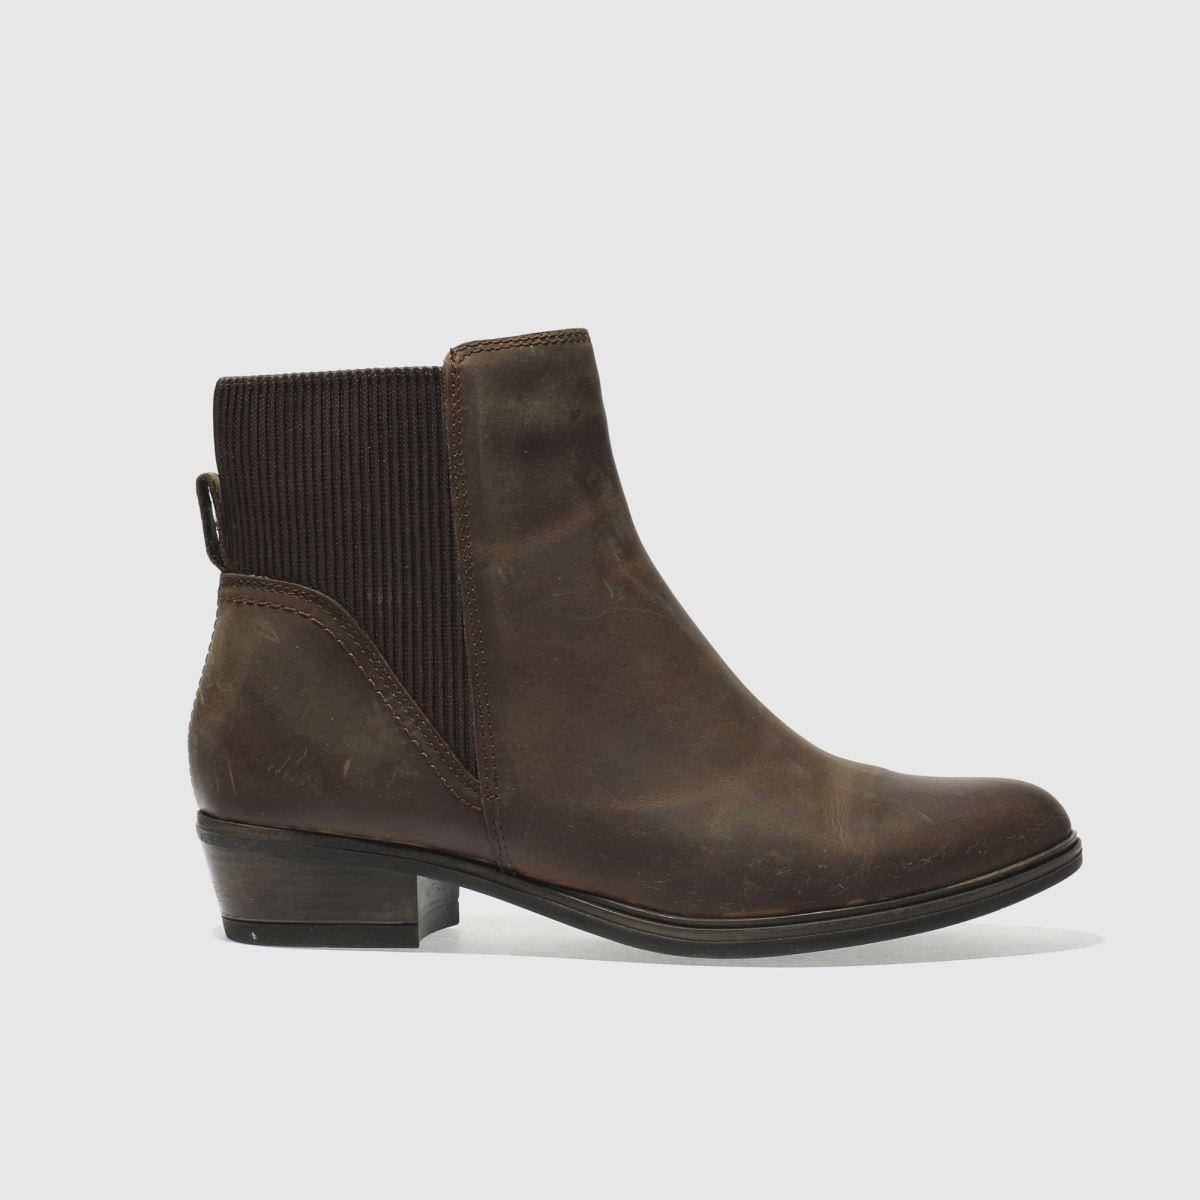 schuh brown navigate boots